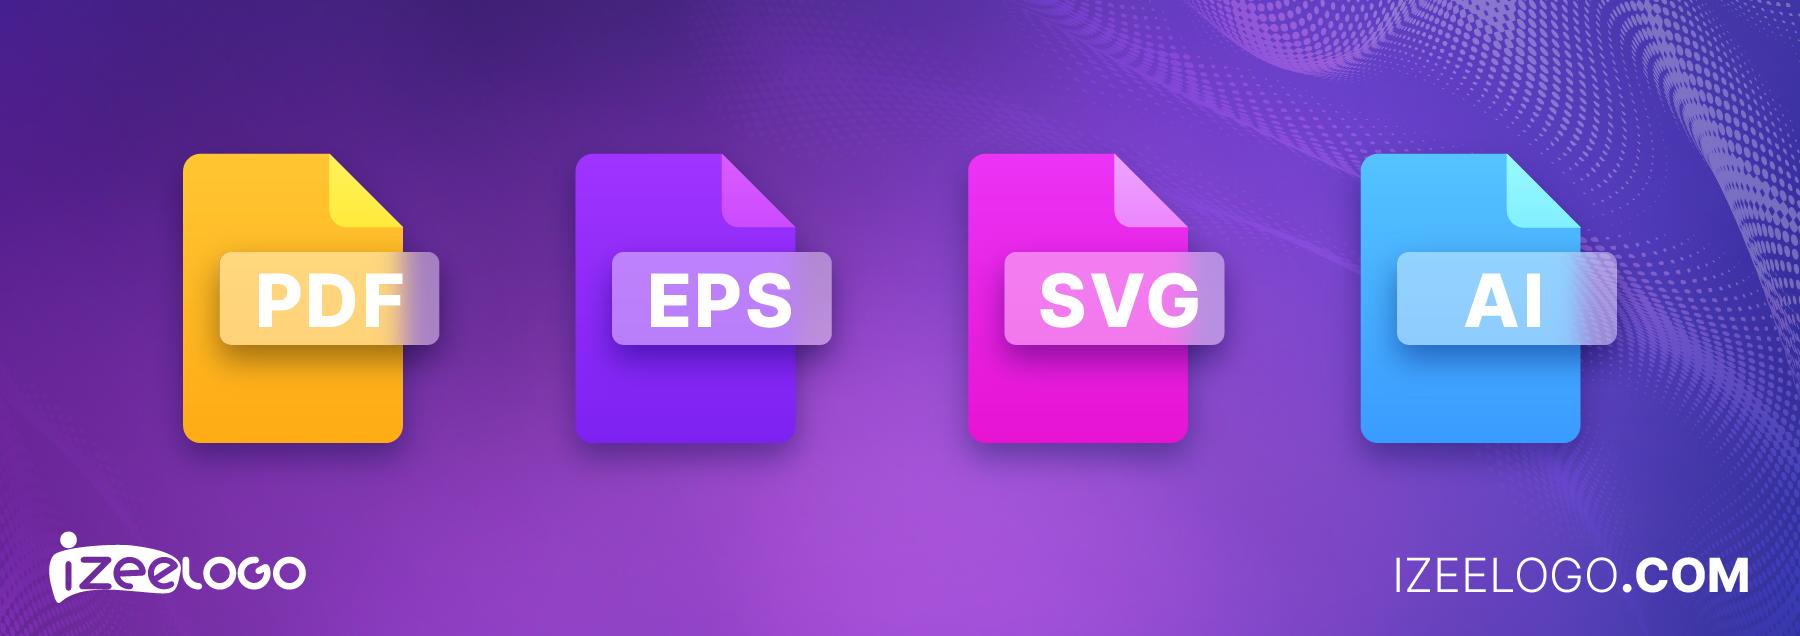 Voici les principaux formats destinés pour une image vectorielle : format AI, PDF, SVG et EPS.